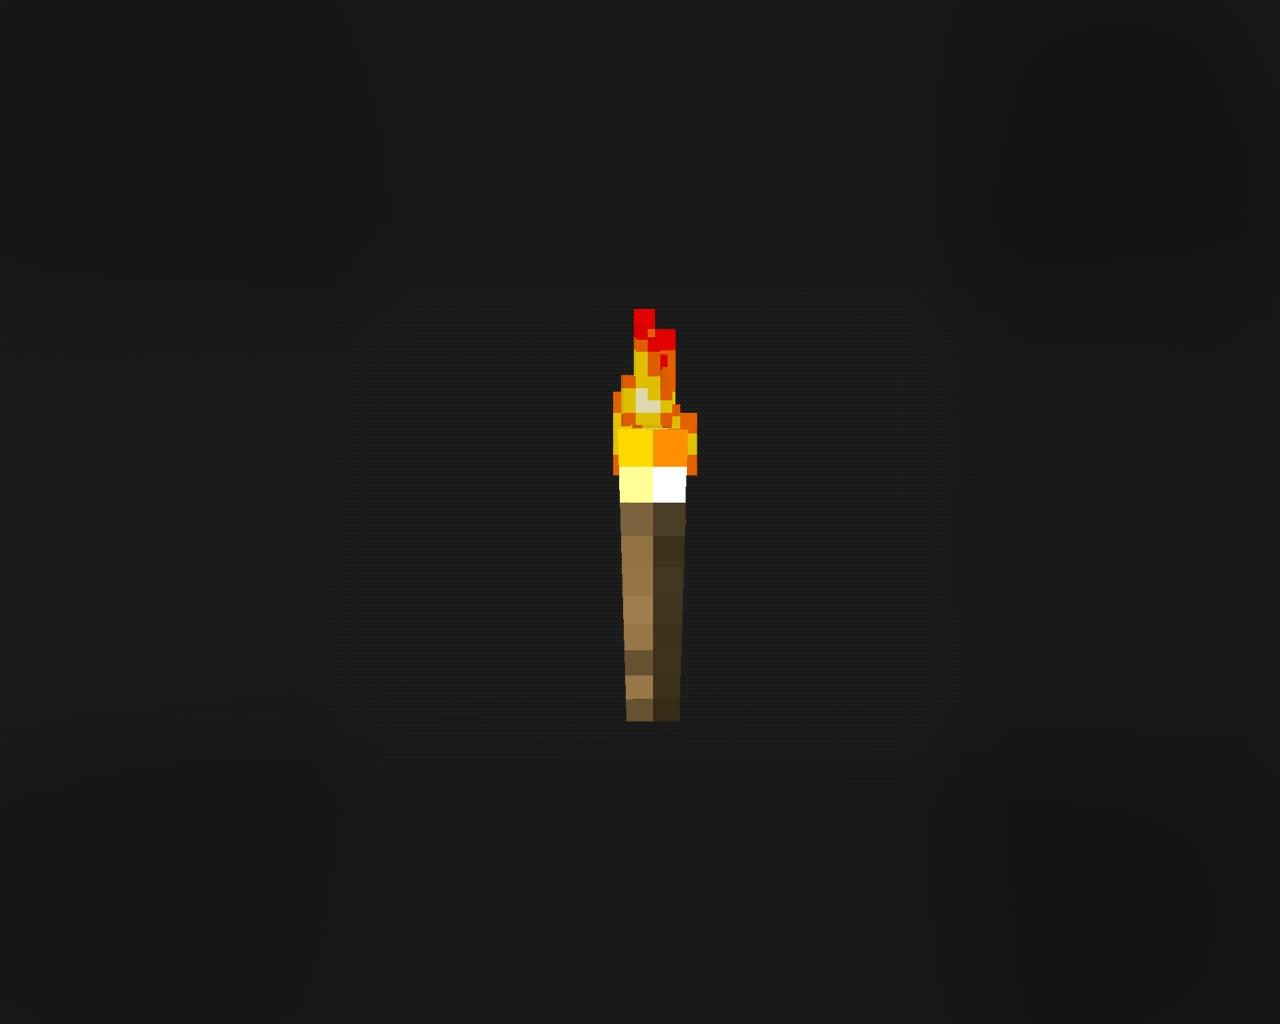 Best 40 Torches Wallpaper on HipWallpaper Torches Wallpaper 1280x1024